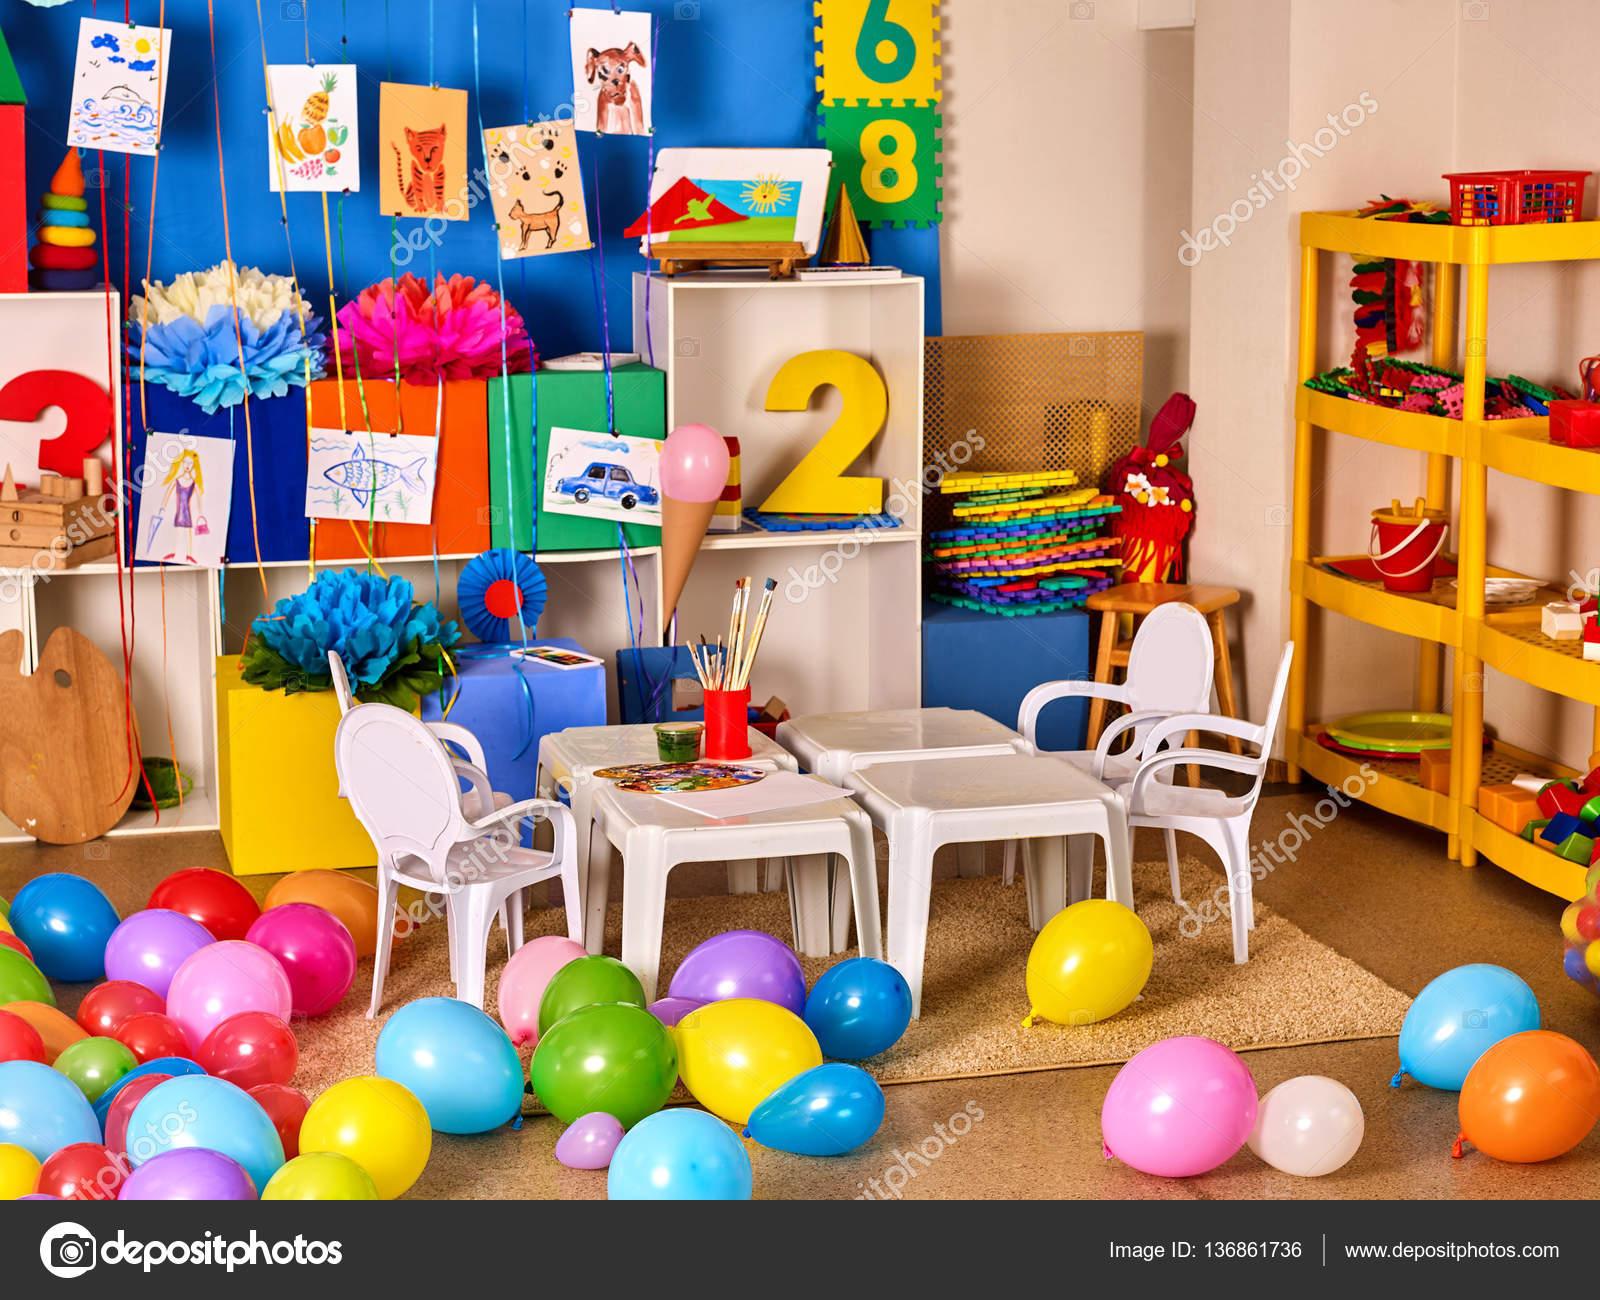 Kindergarten Innendekoration Kind Bild An Wand. Vorschulklasse Kinder  Warten. Farbe Ballons Im Stock. Spielzimmer Mit Weißen Tisch.